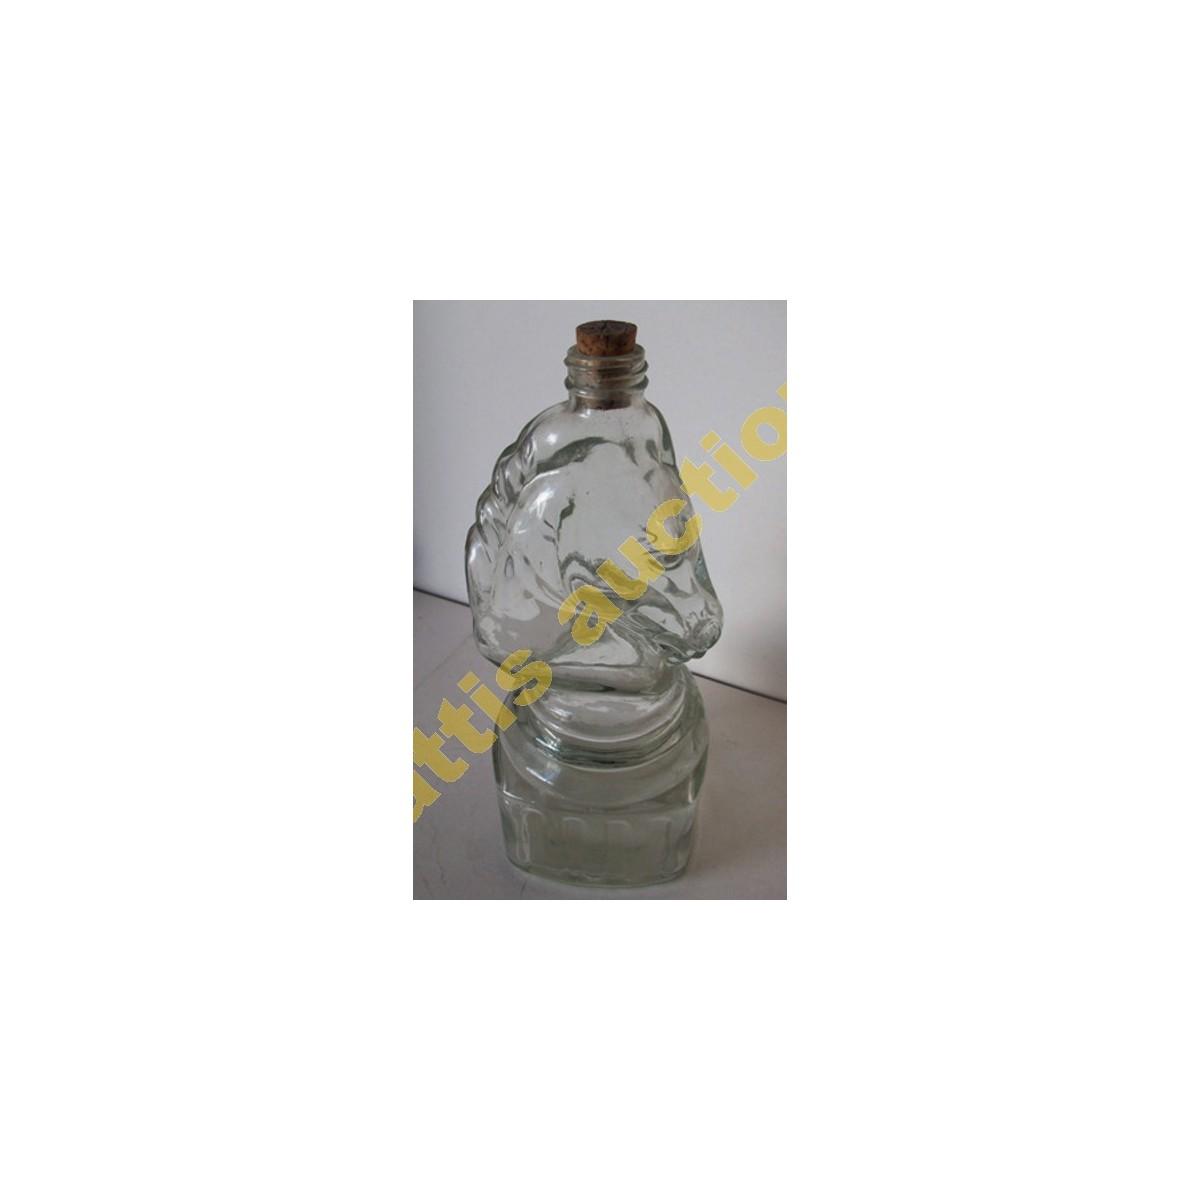 Γυάλινο μπουκάλι σχήμα αλόγου, τετράγωνη βάση.